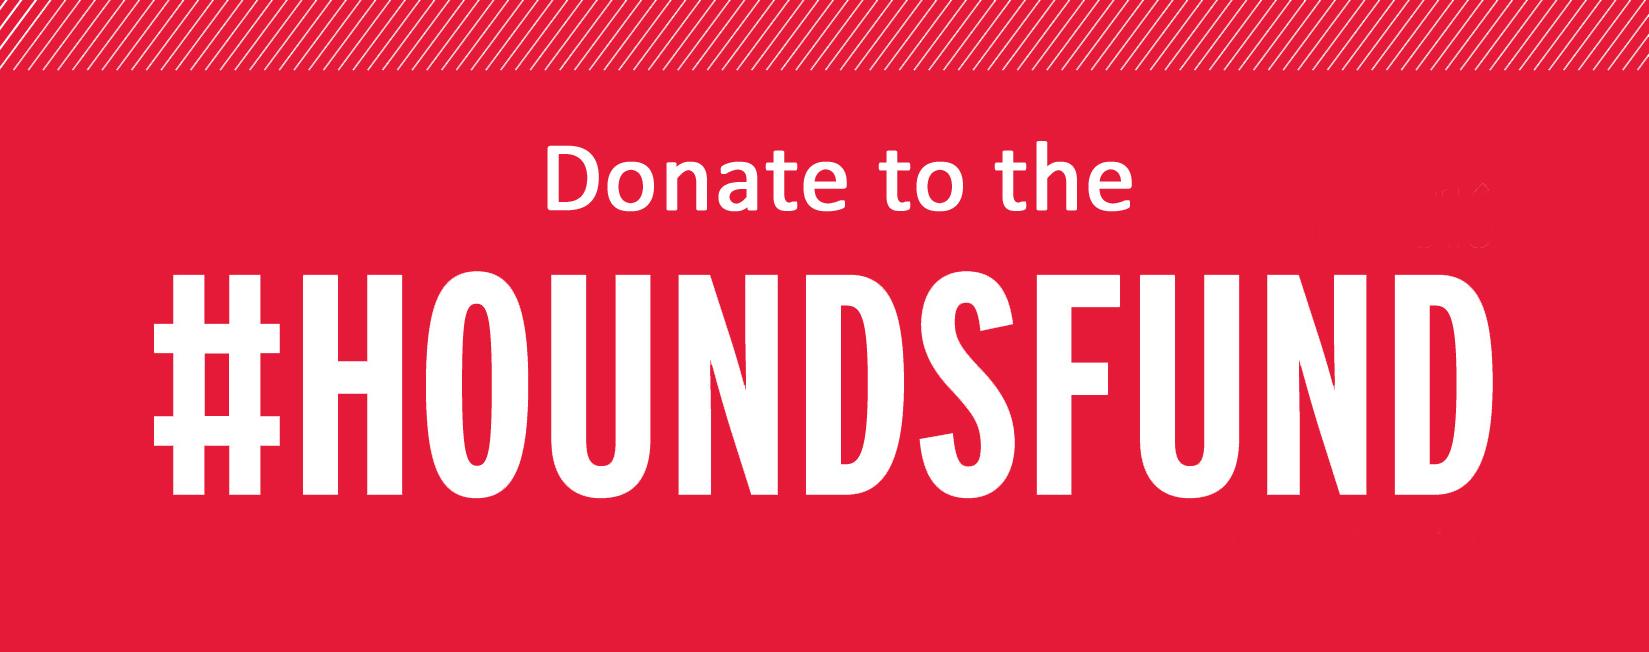 Hf-Donate.jpg